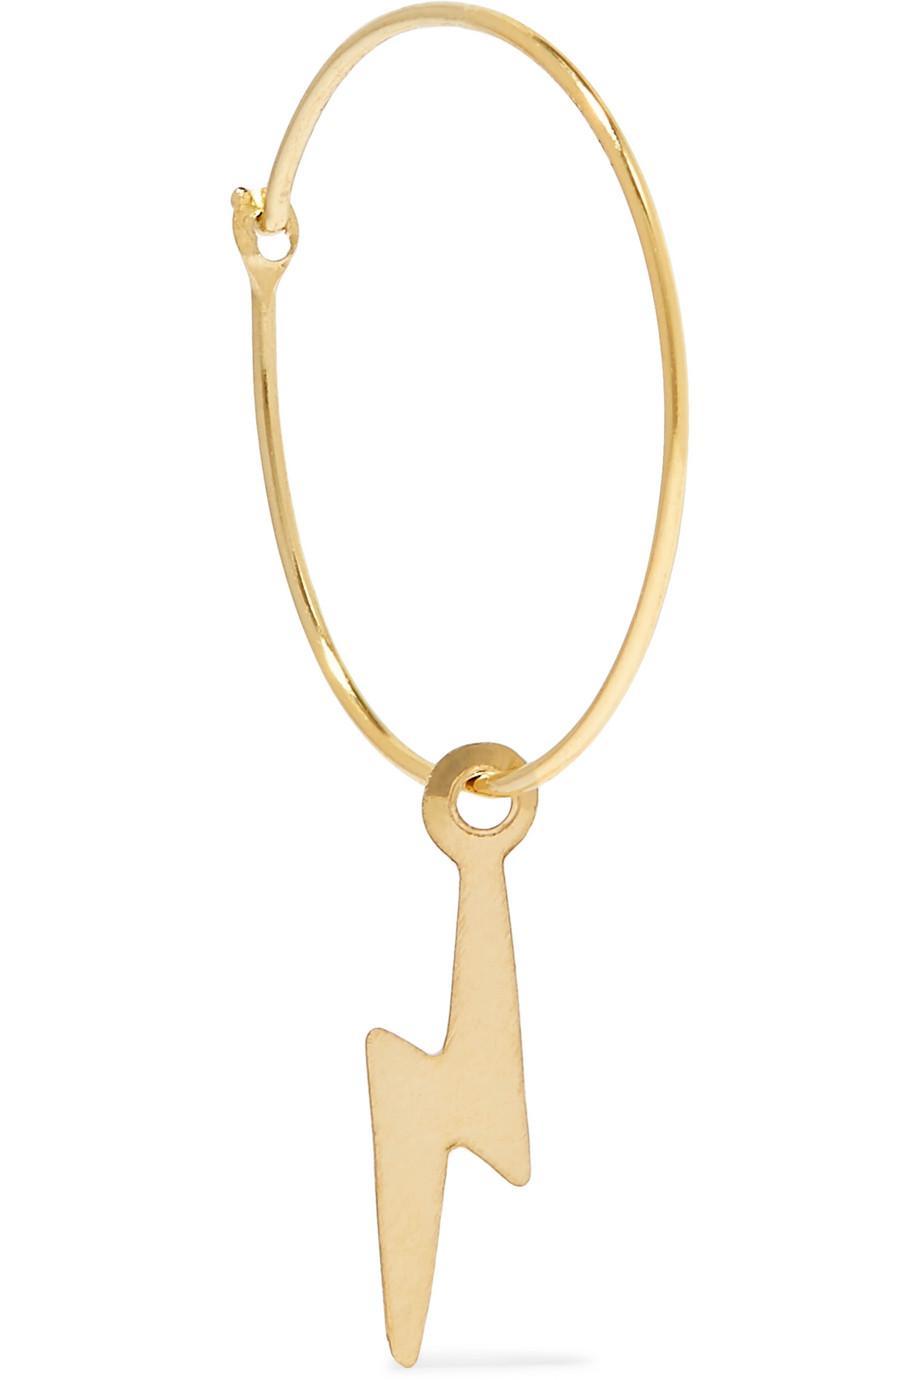 Loren Stewart Bolt 14-karat Gold Hoop Earring s8LhBI